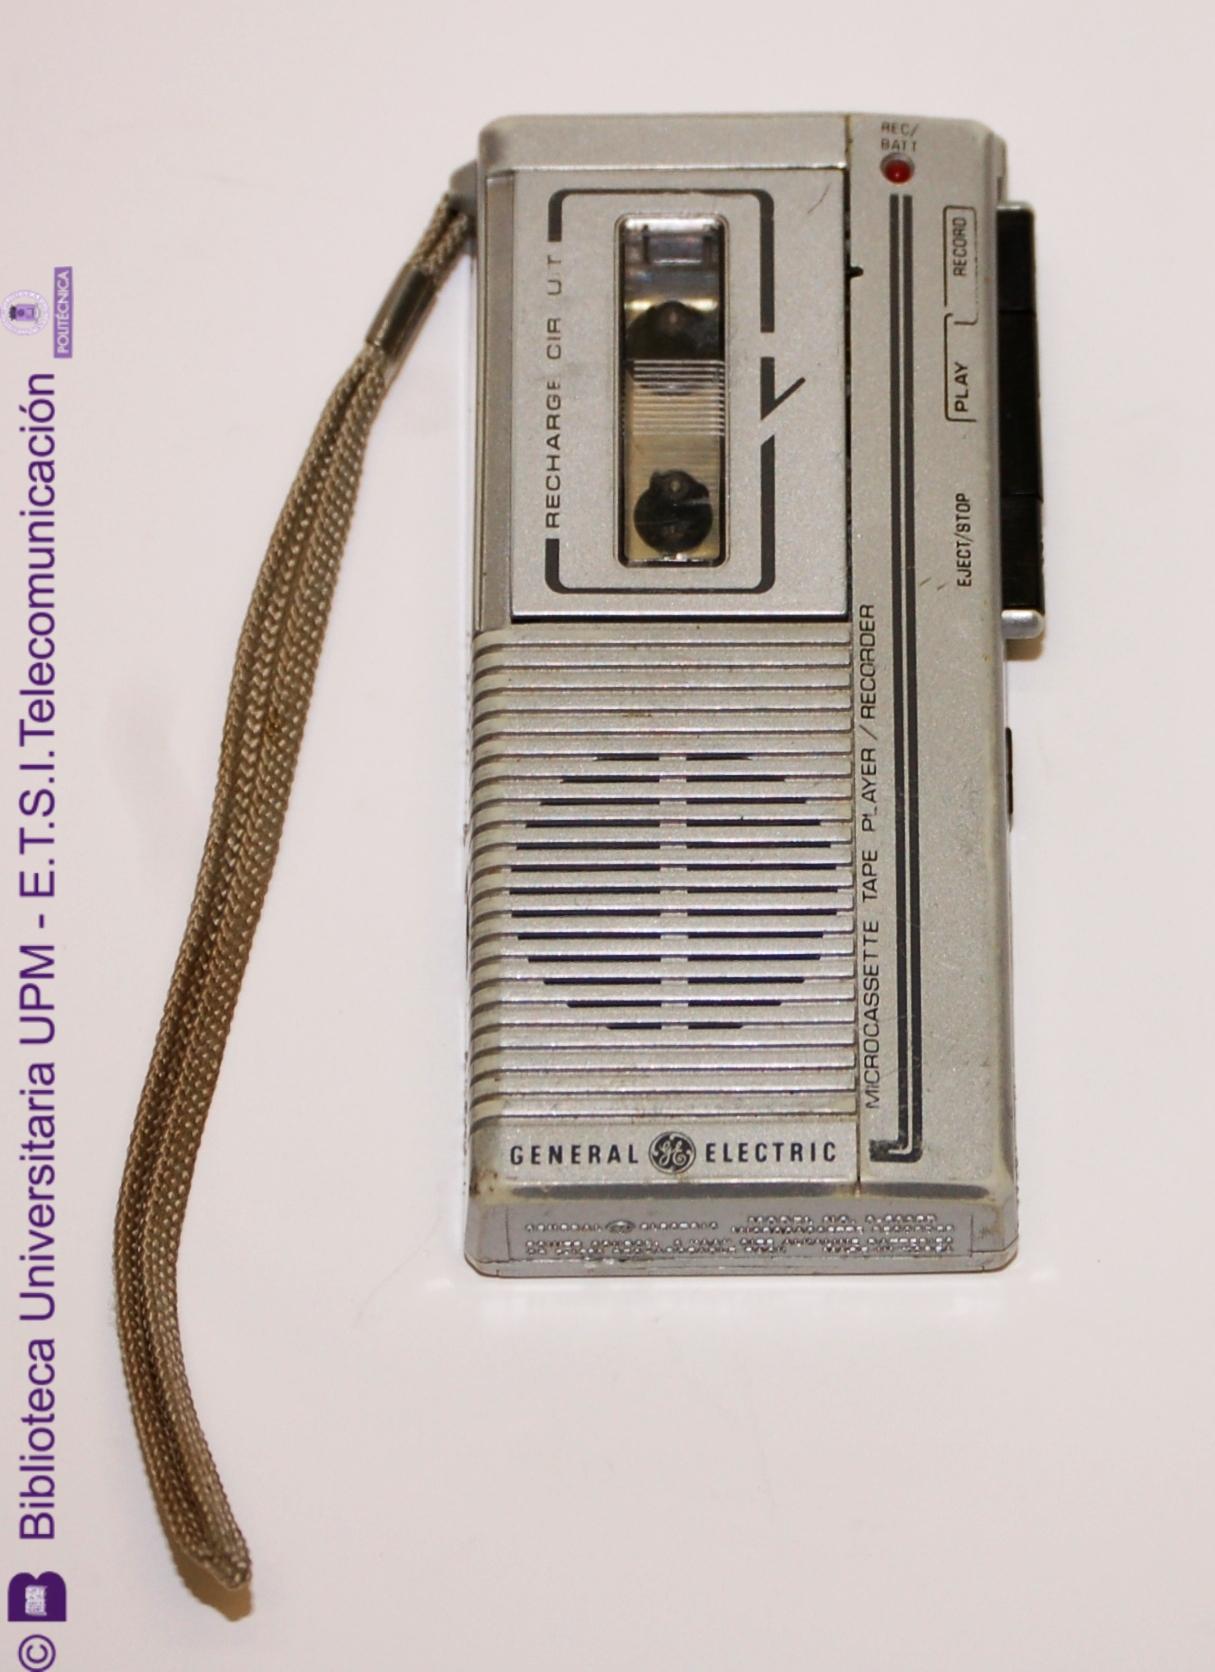 Blog de la biblioteca de ingenieros de telecomunicaci n - General electric madrid ...